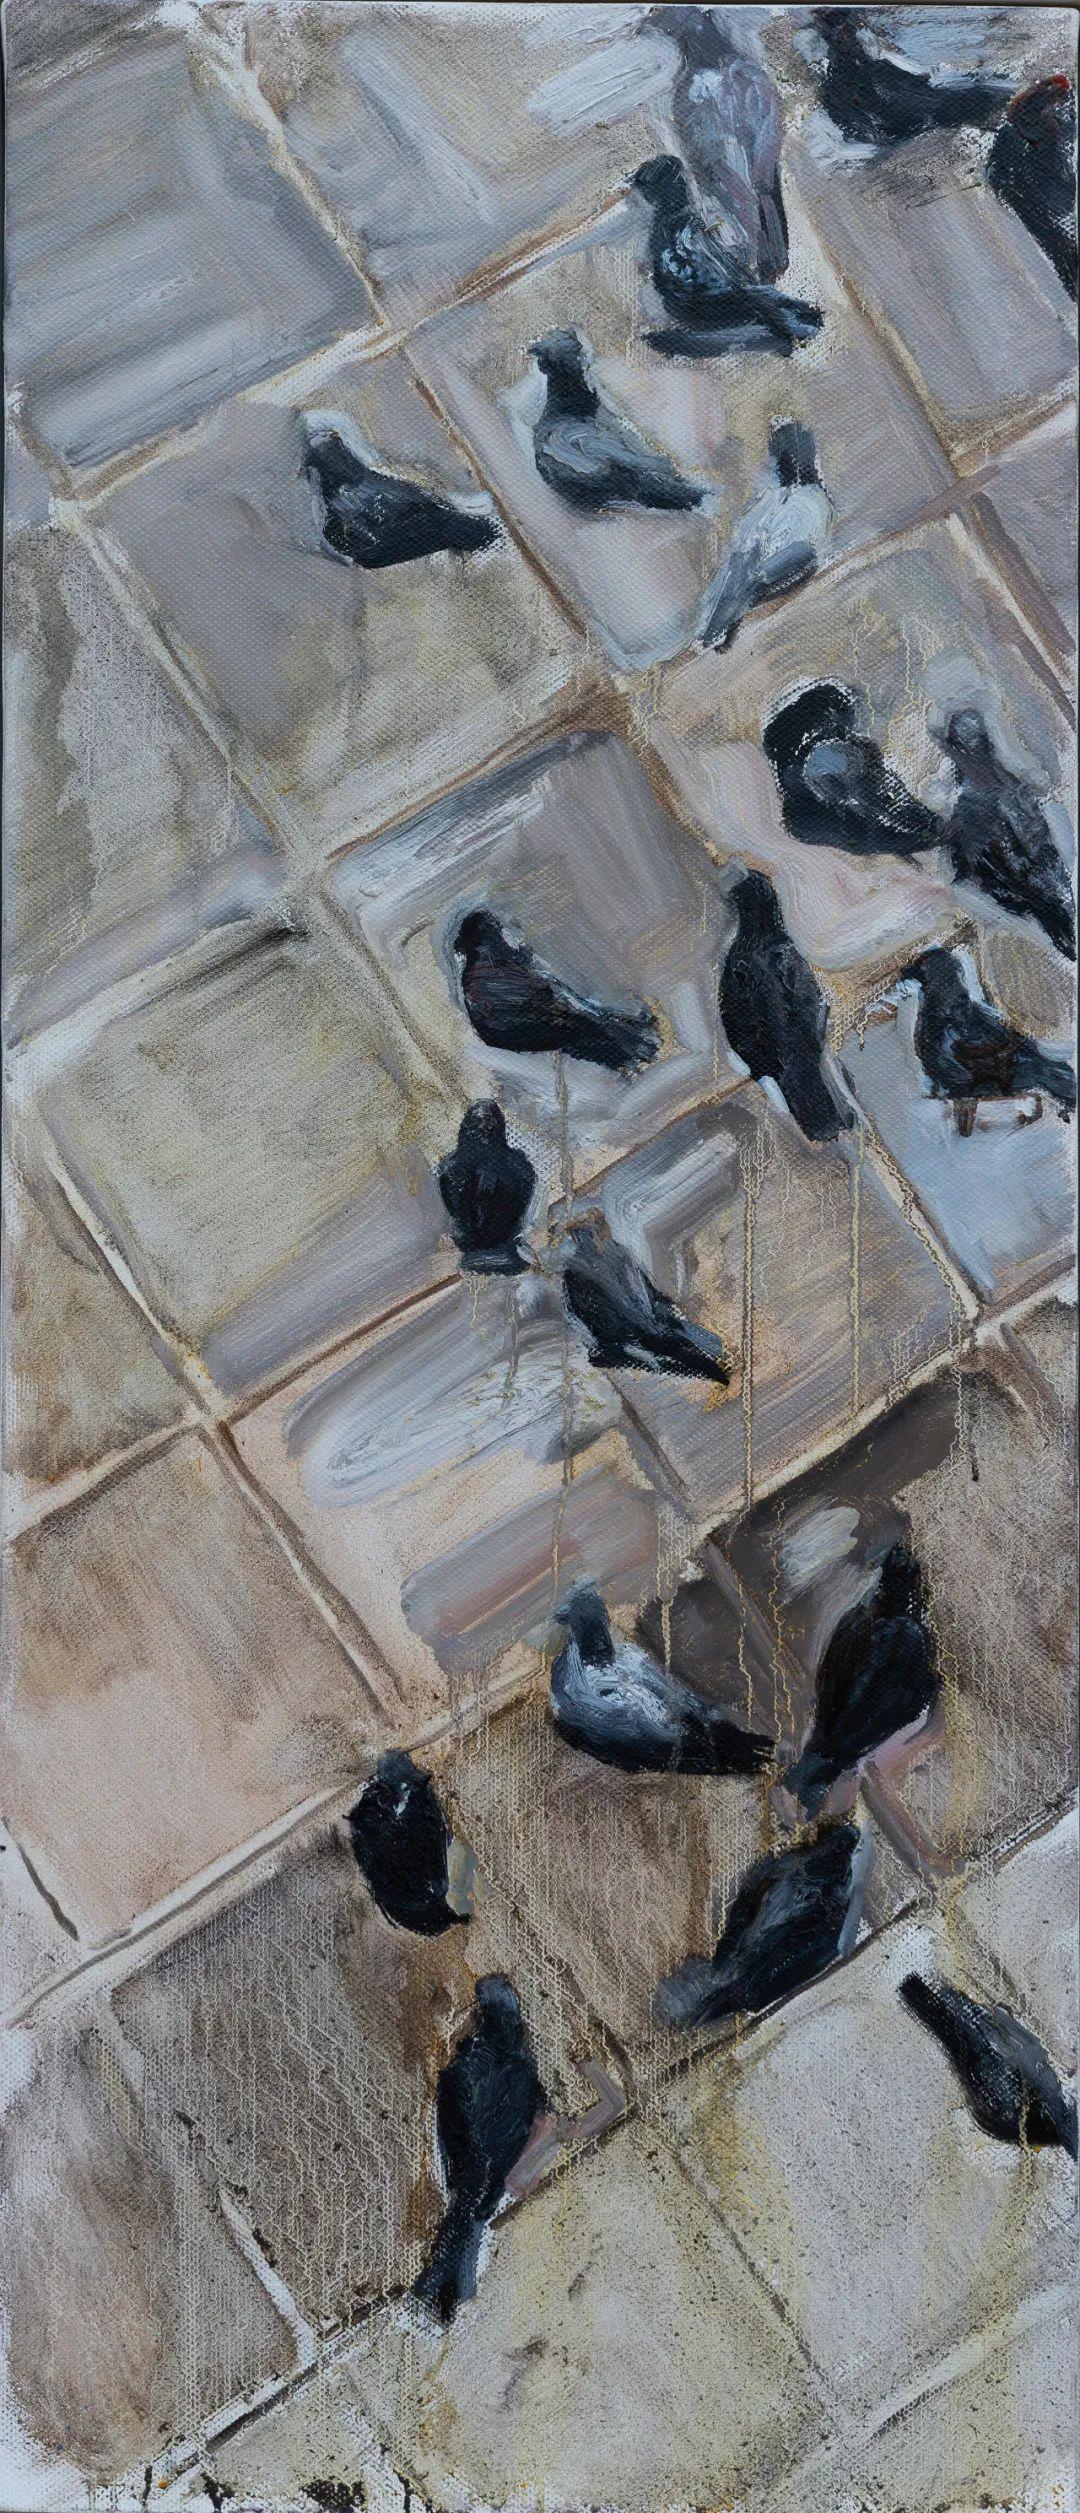 家乡美 | 科尔沁首届油画作品展部分作品(上) 第21张